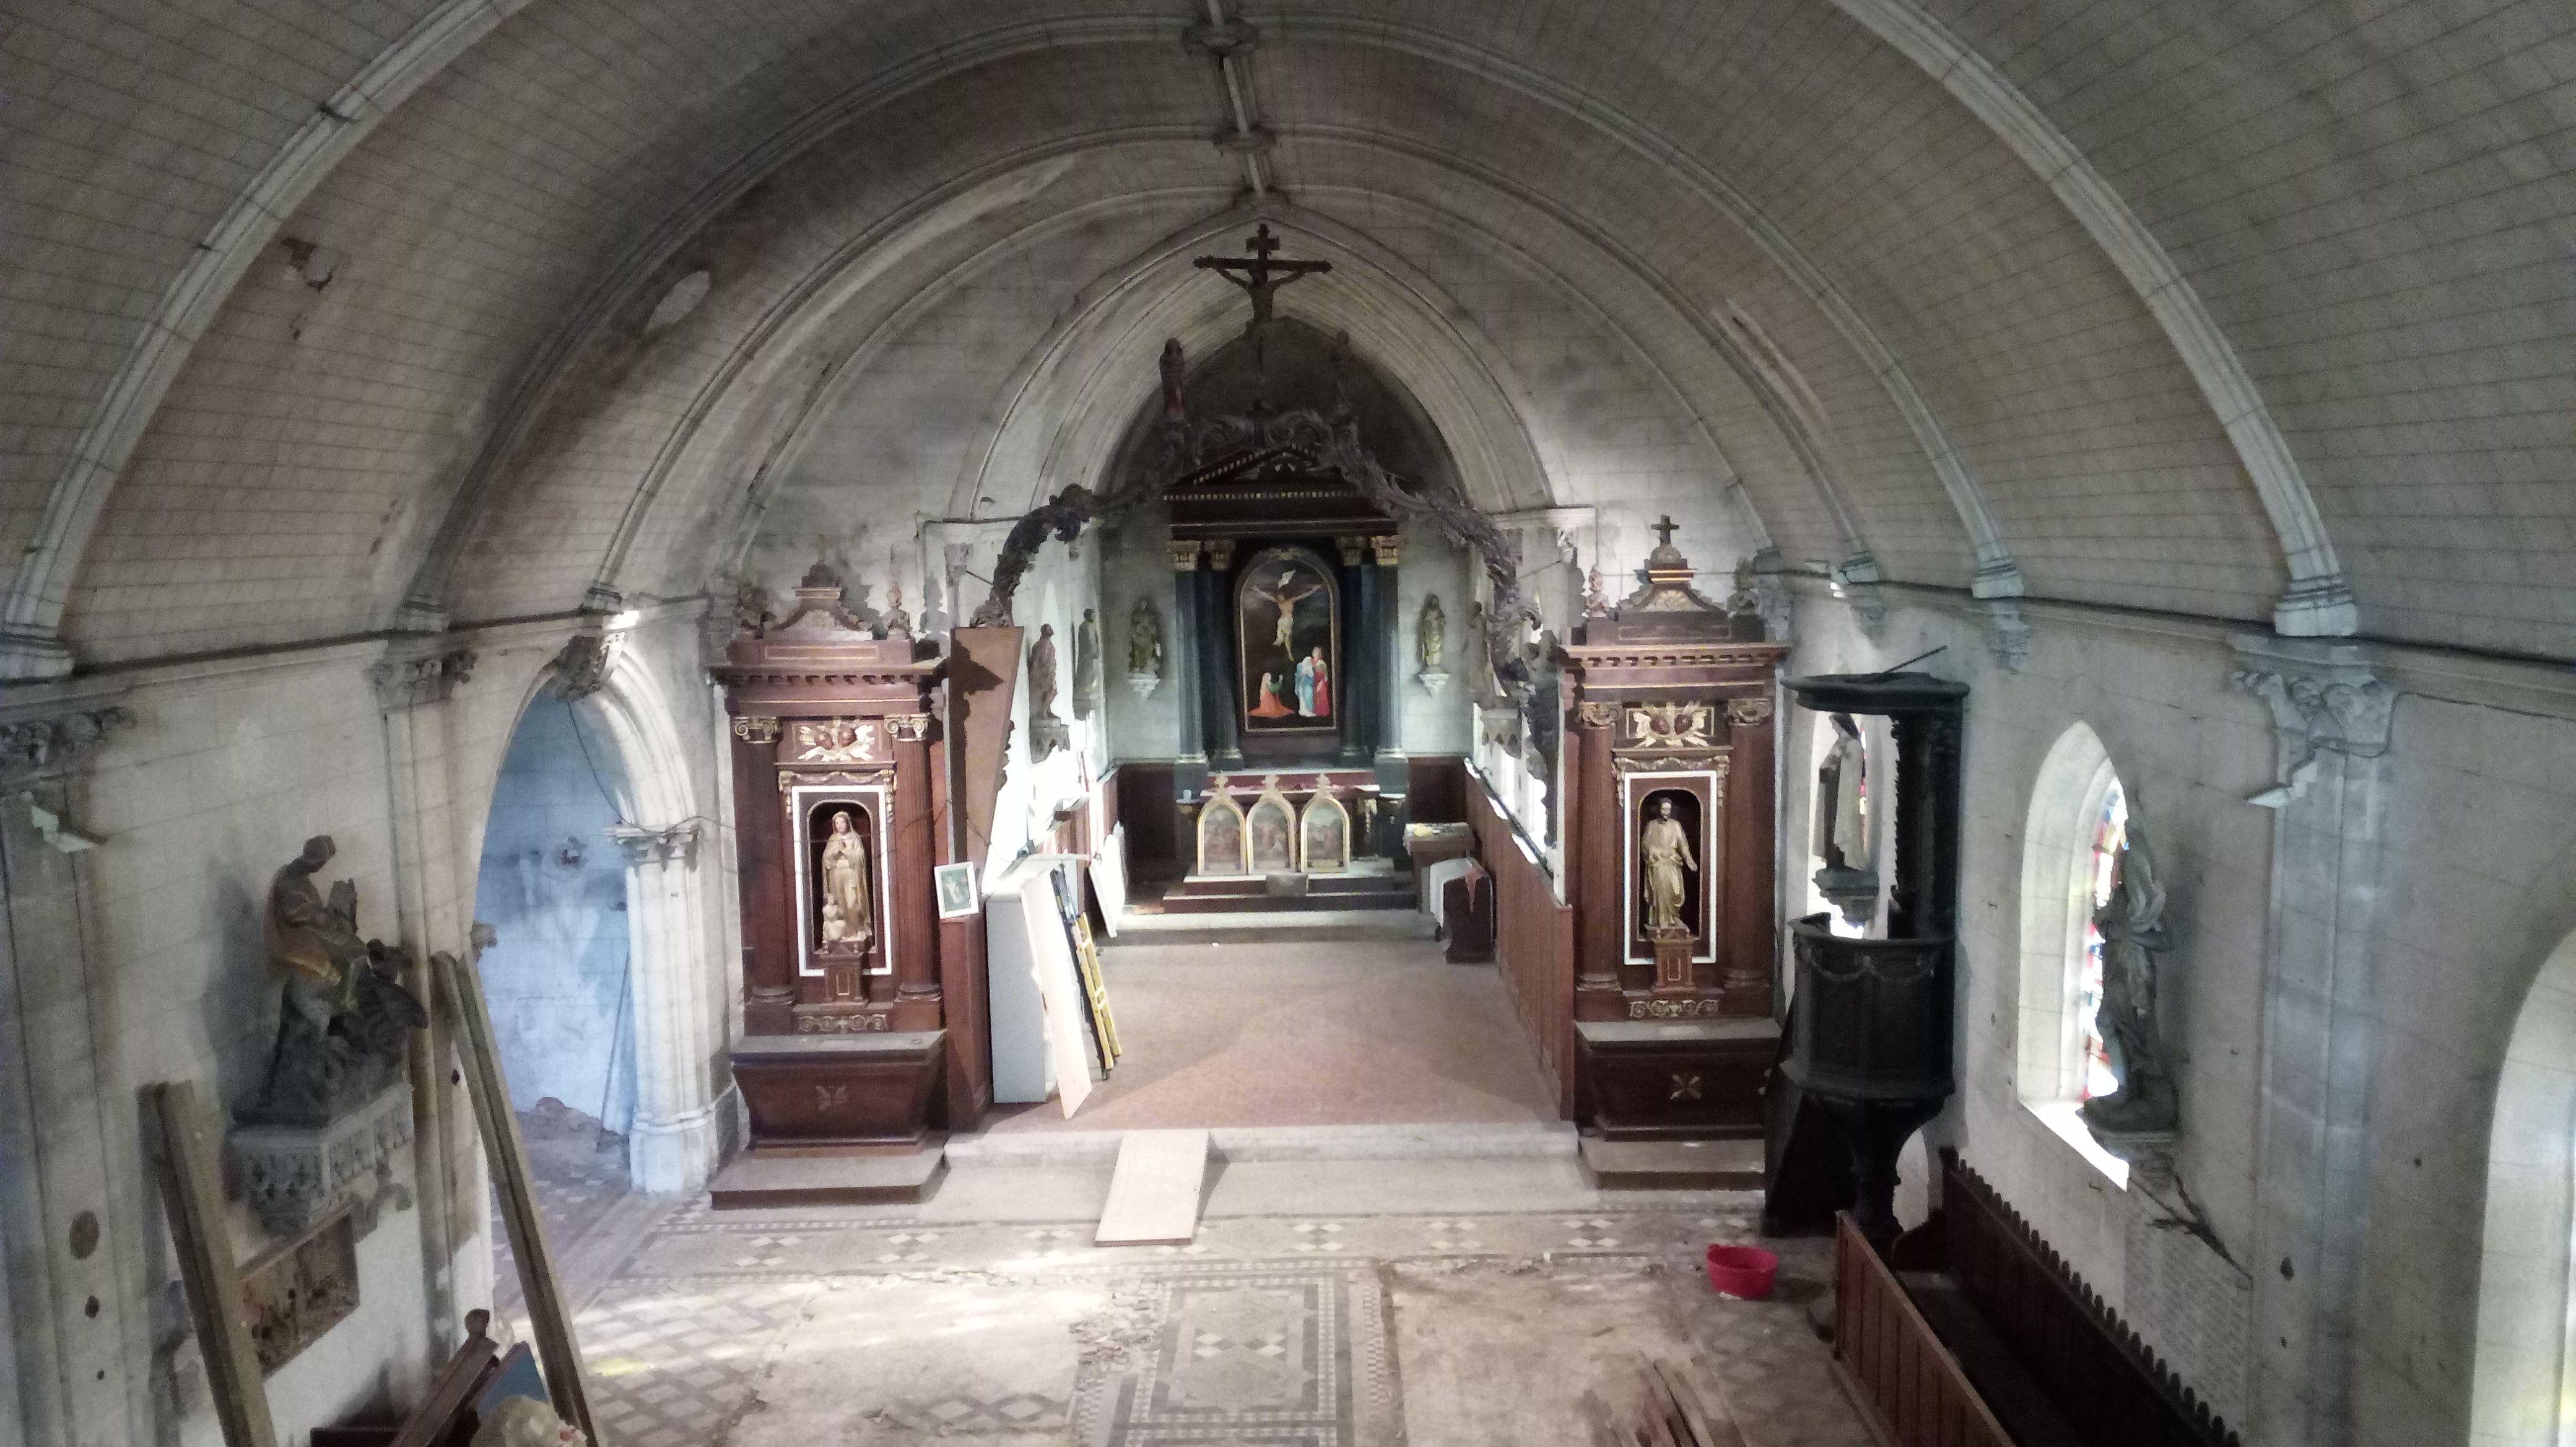 L'église Saint-Cyr de Vaudreuil (Carré-Saint-Cyr)